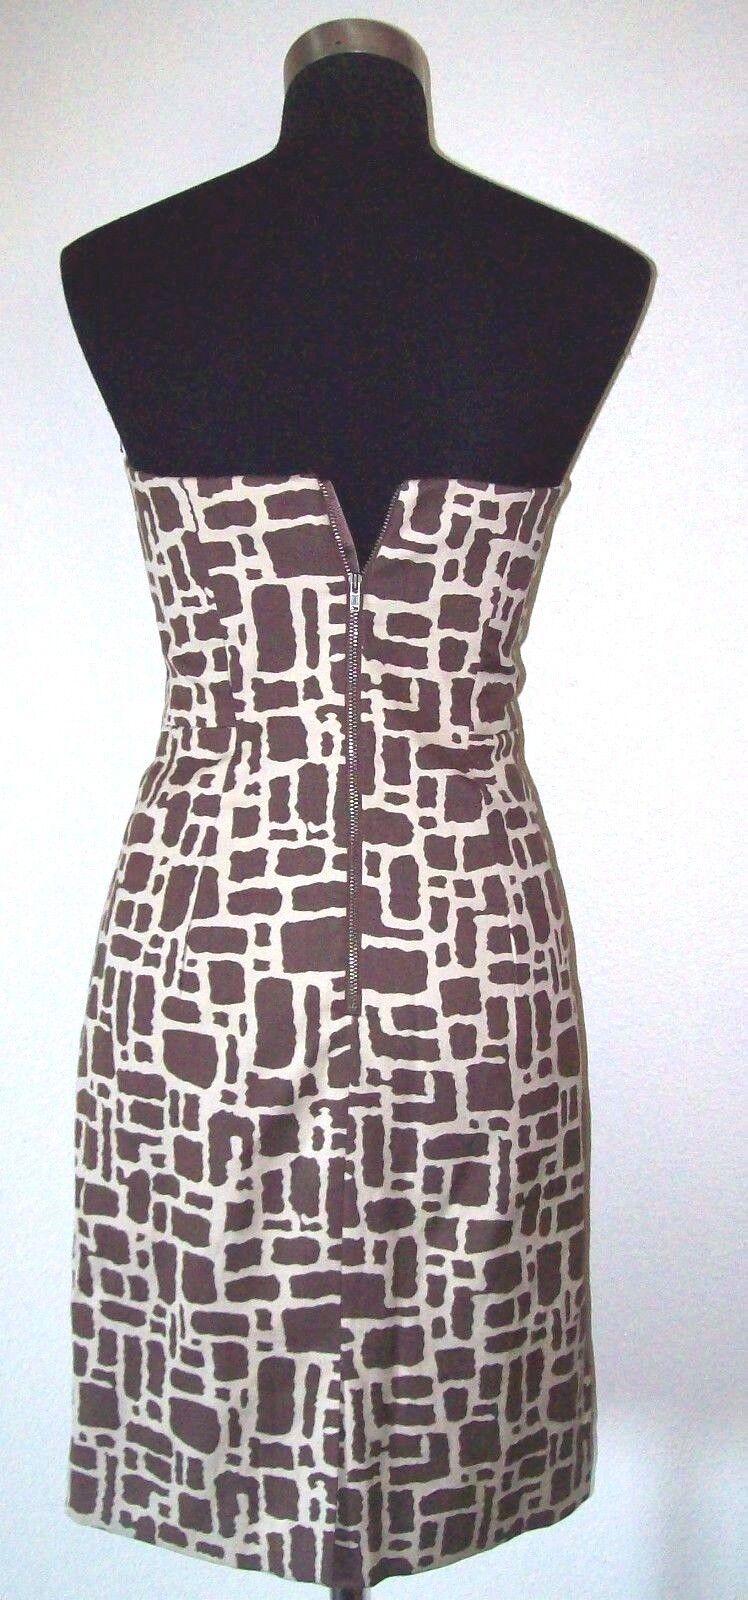 ffab74c1 ... Milly New York Dress 2 Sheath Silk Strapless Brown Brown Brown Beige  Satin Lined Cotton S ...